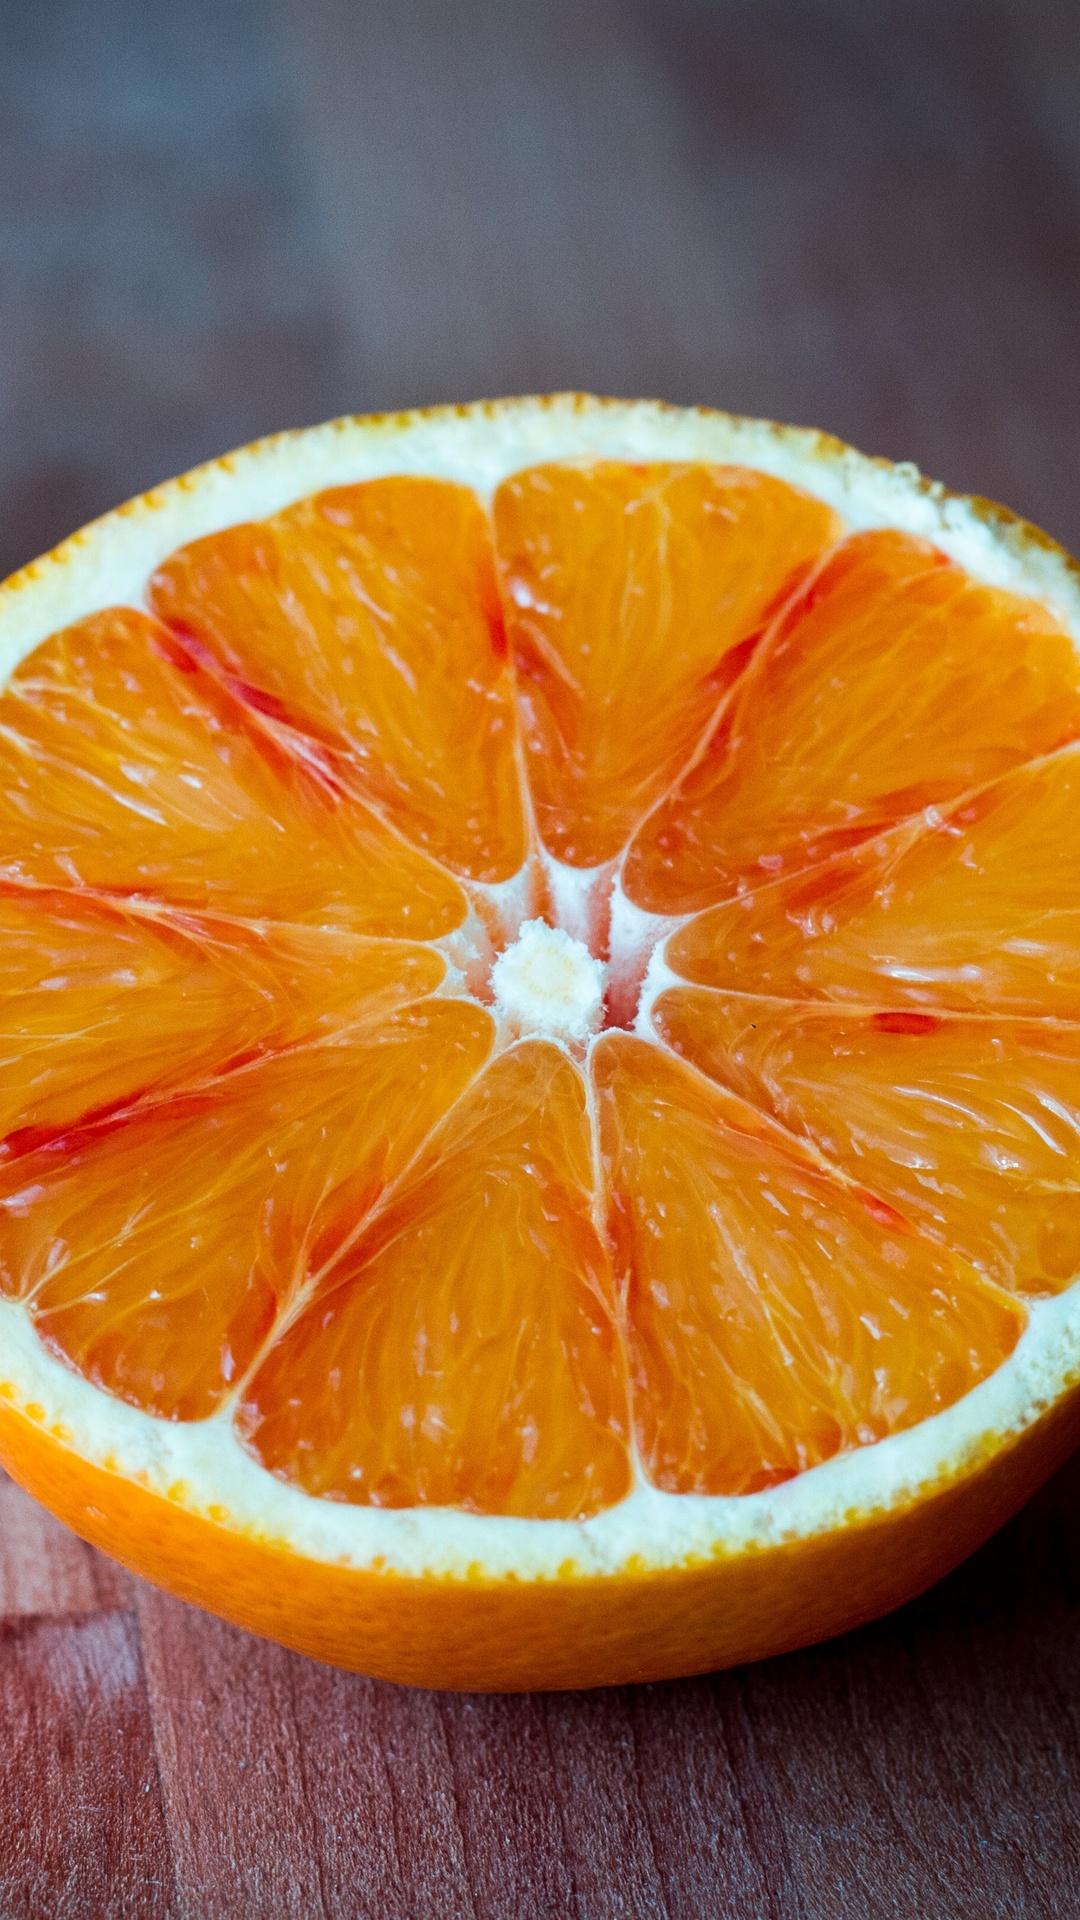 orange-cut-on-the-table-gh.jpg